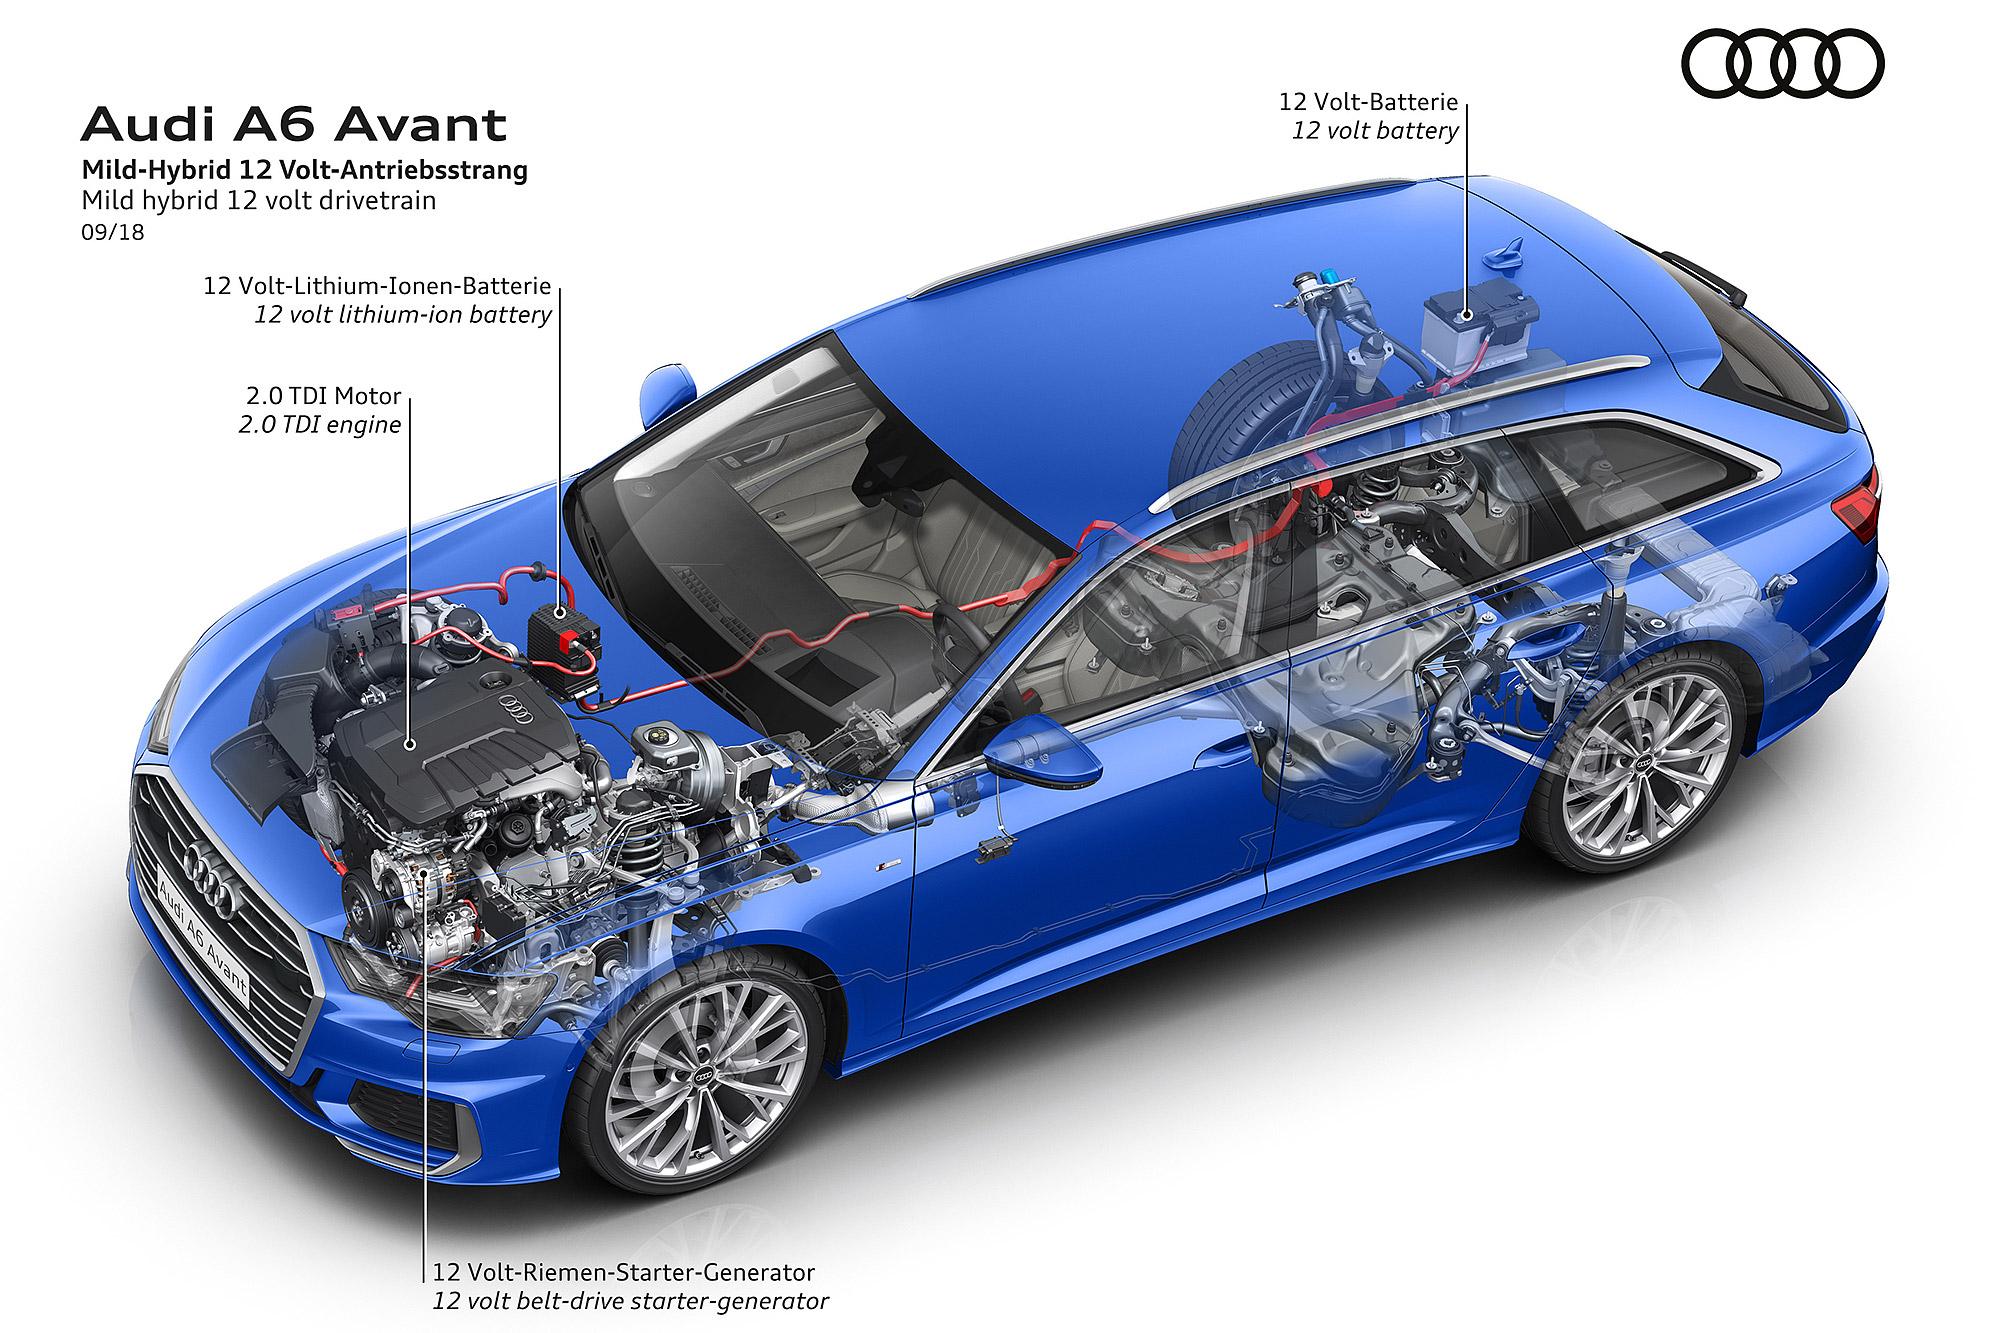 目前整合 12V Mild-Hybrid 系統的 2.0 TDI 引擎已經應用在導入台灣市場的新世代 A6 車系中。